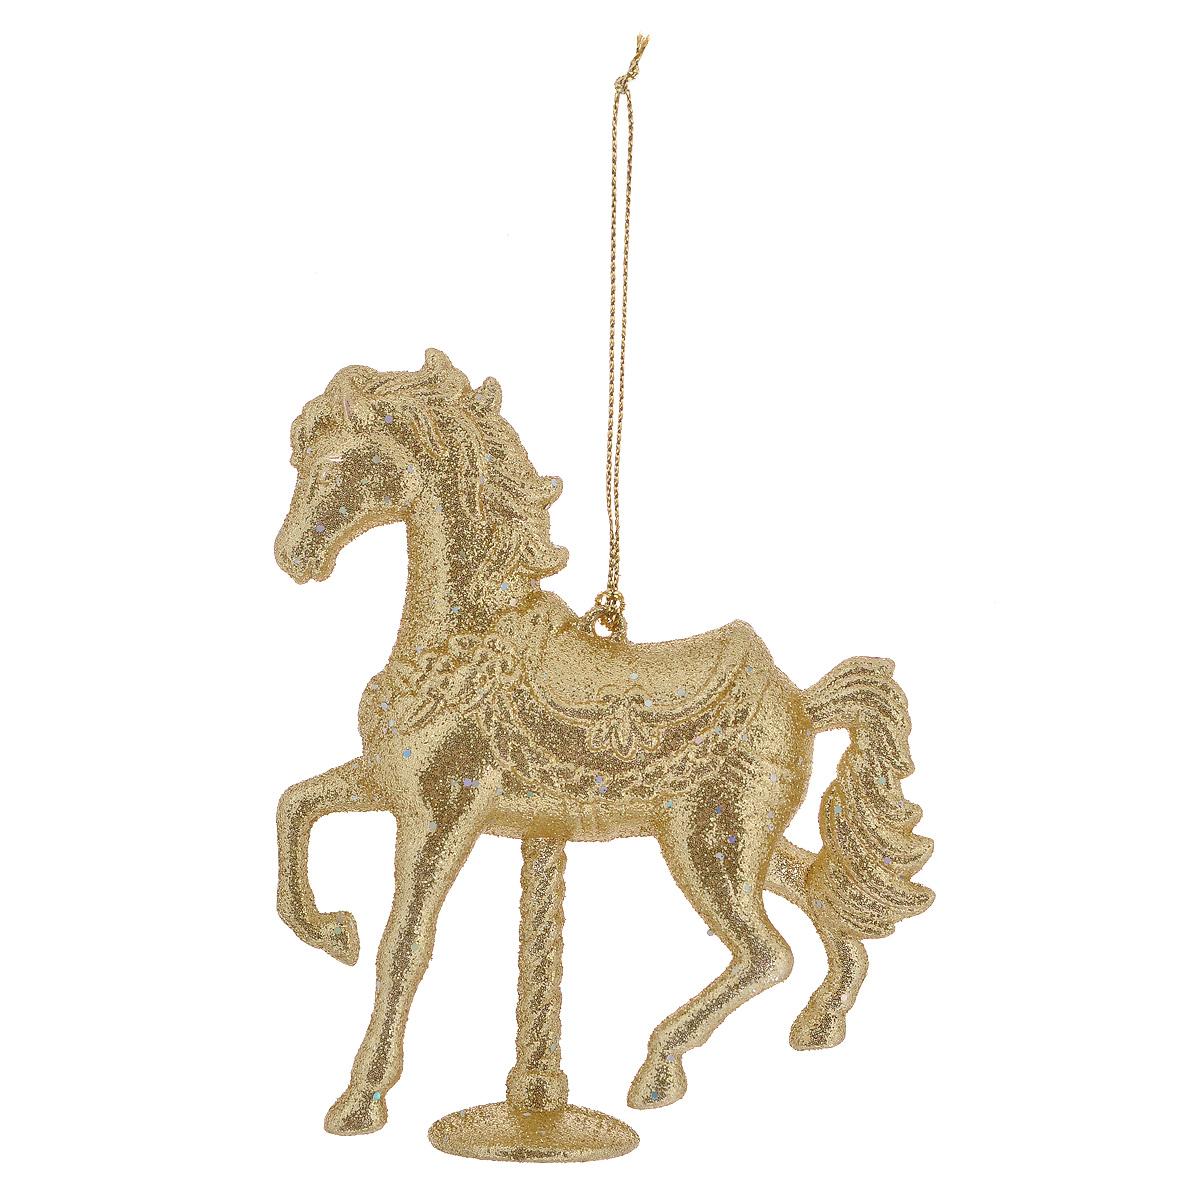 Новогоднее подвесное украшение Феникс-Презент Блестящий конь, цвет: золотистый. 35077 книги эксмо конь и его мальчик